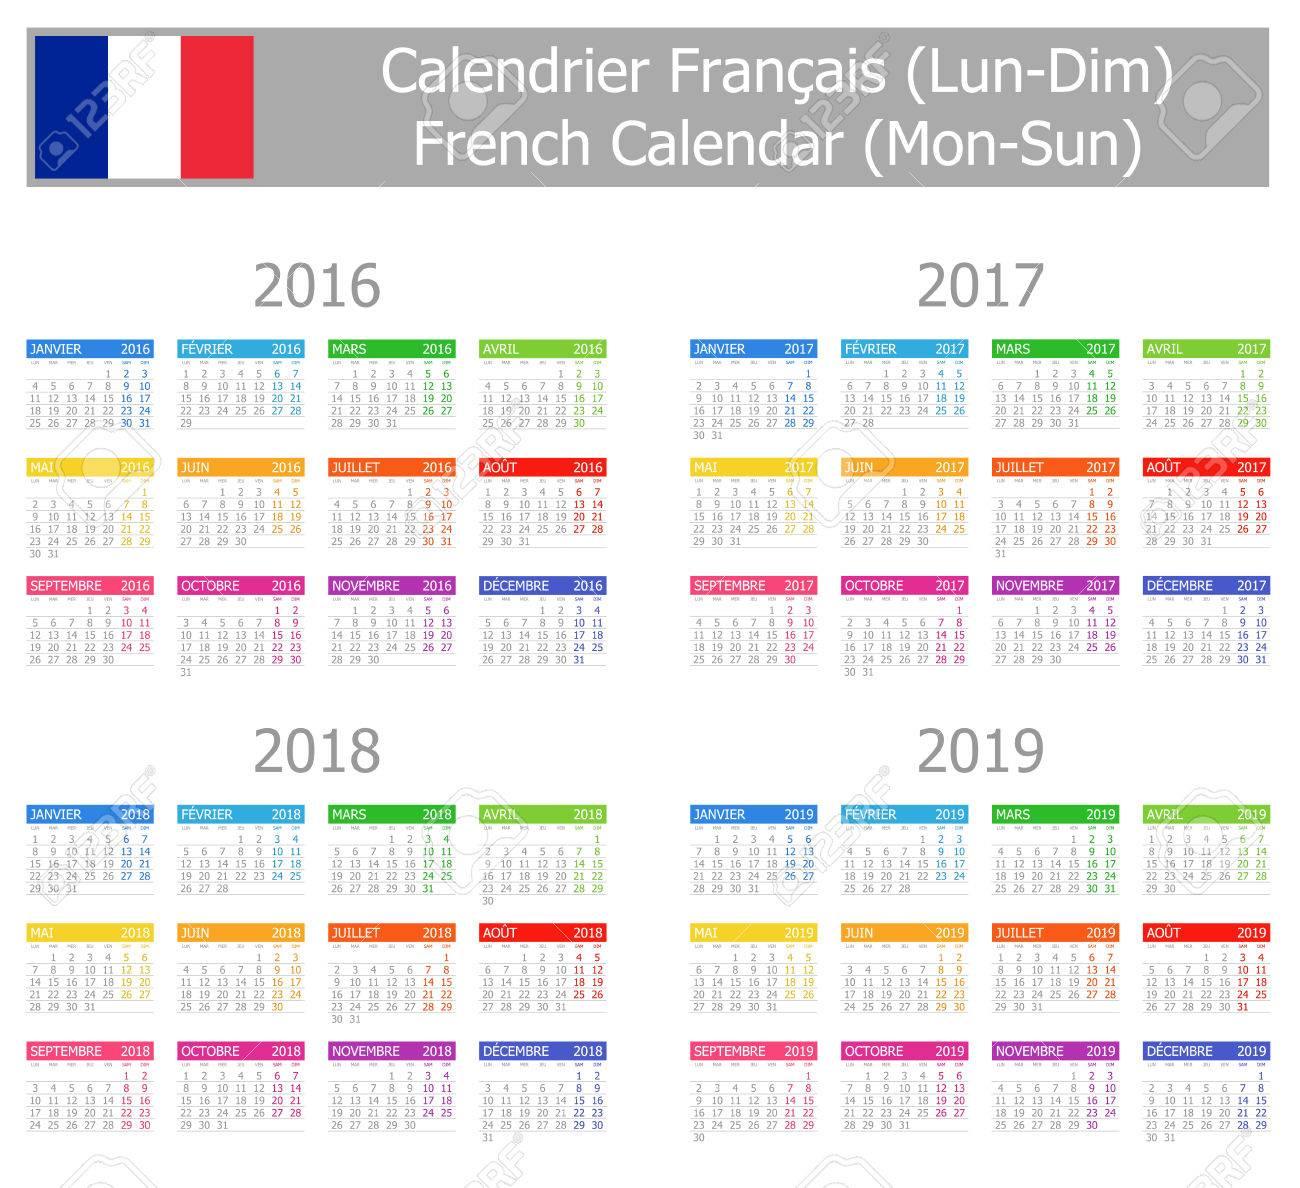 Calendrier Francais 2019.2016 2019 Type 1 Calendrier Francais Lun Dim Sur Fond Blanc